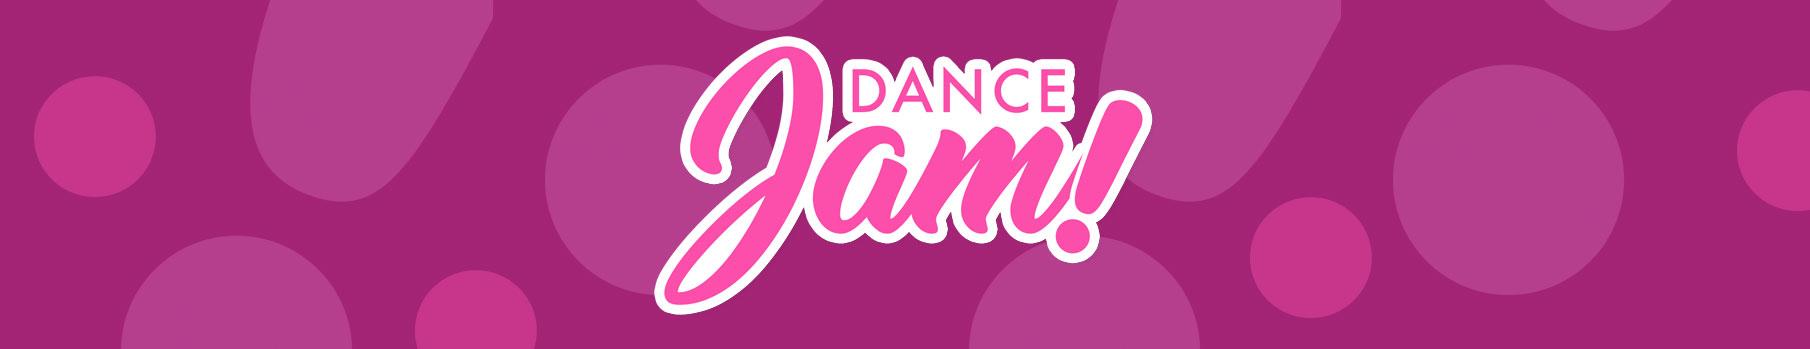 dancejam-subhdr-0121